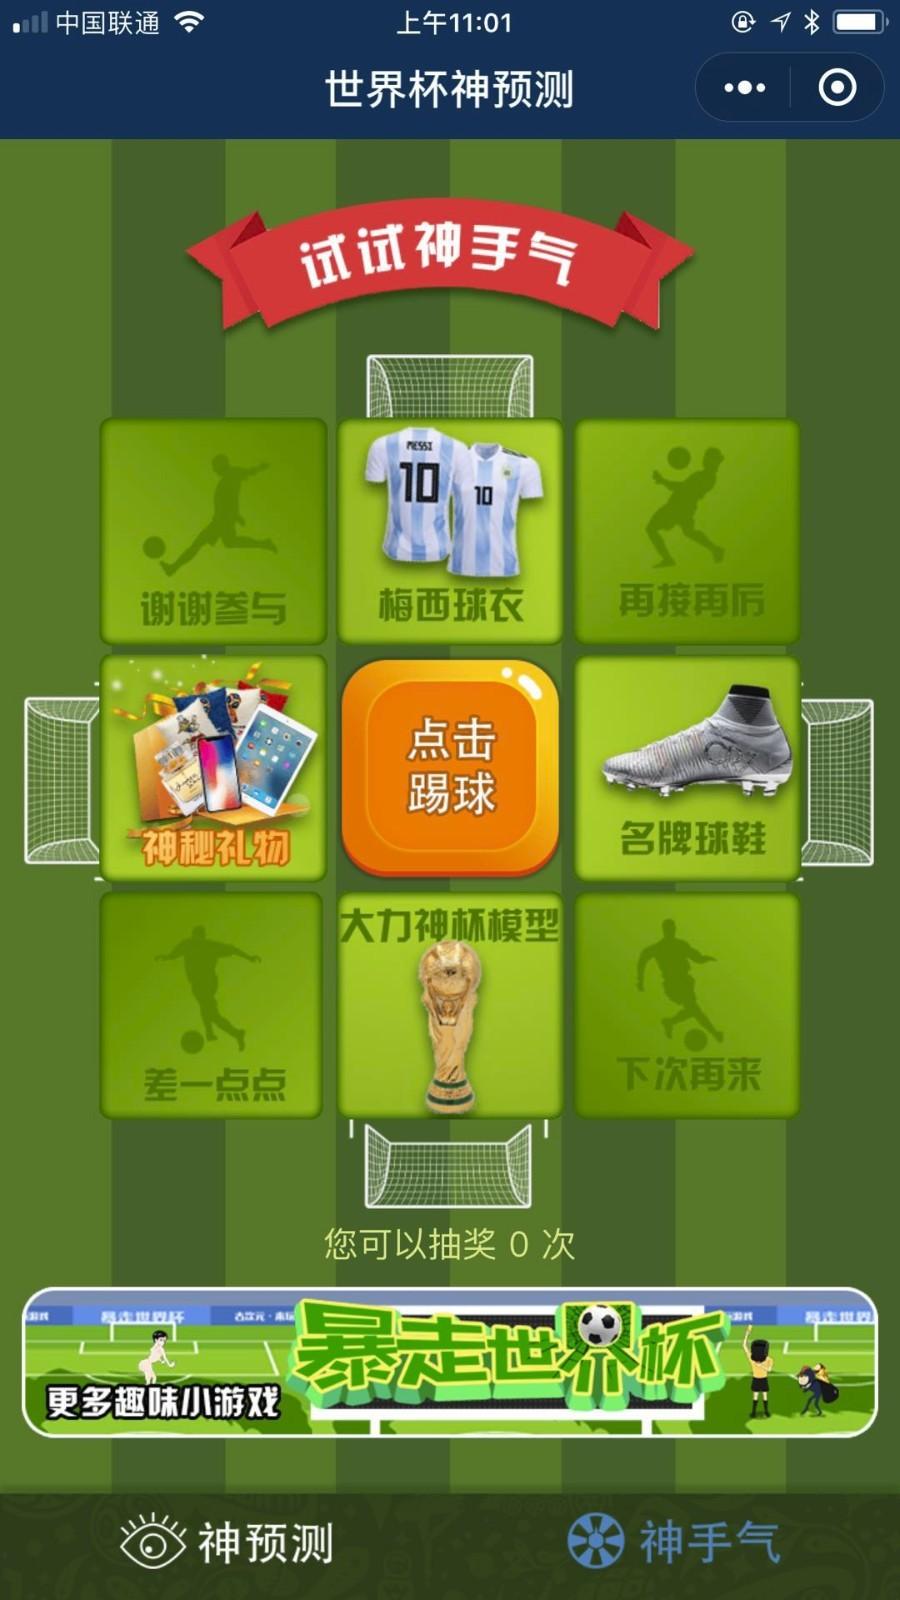 足球赛神预测微信小程序测评